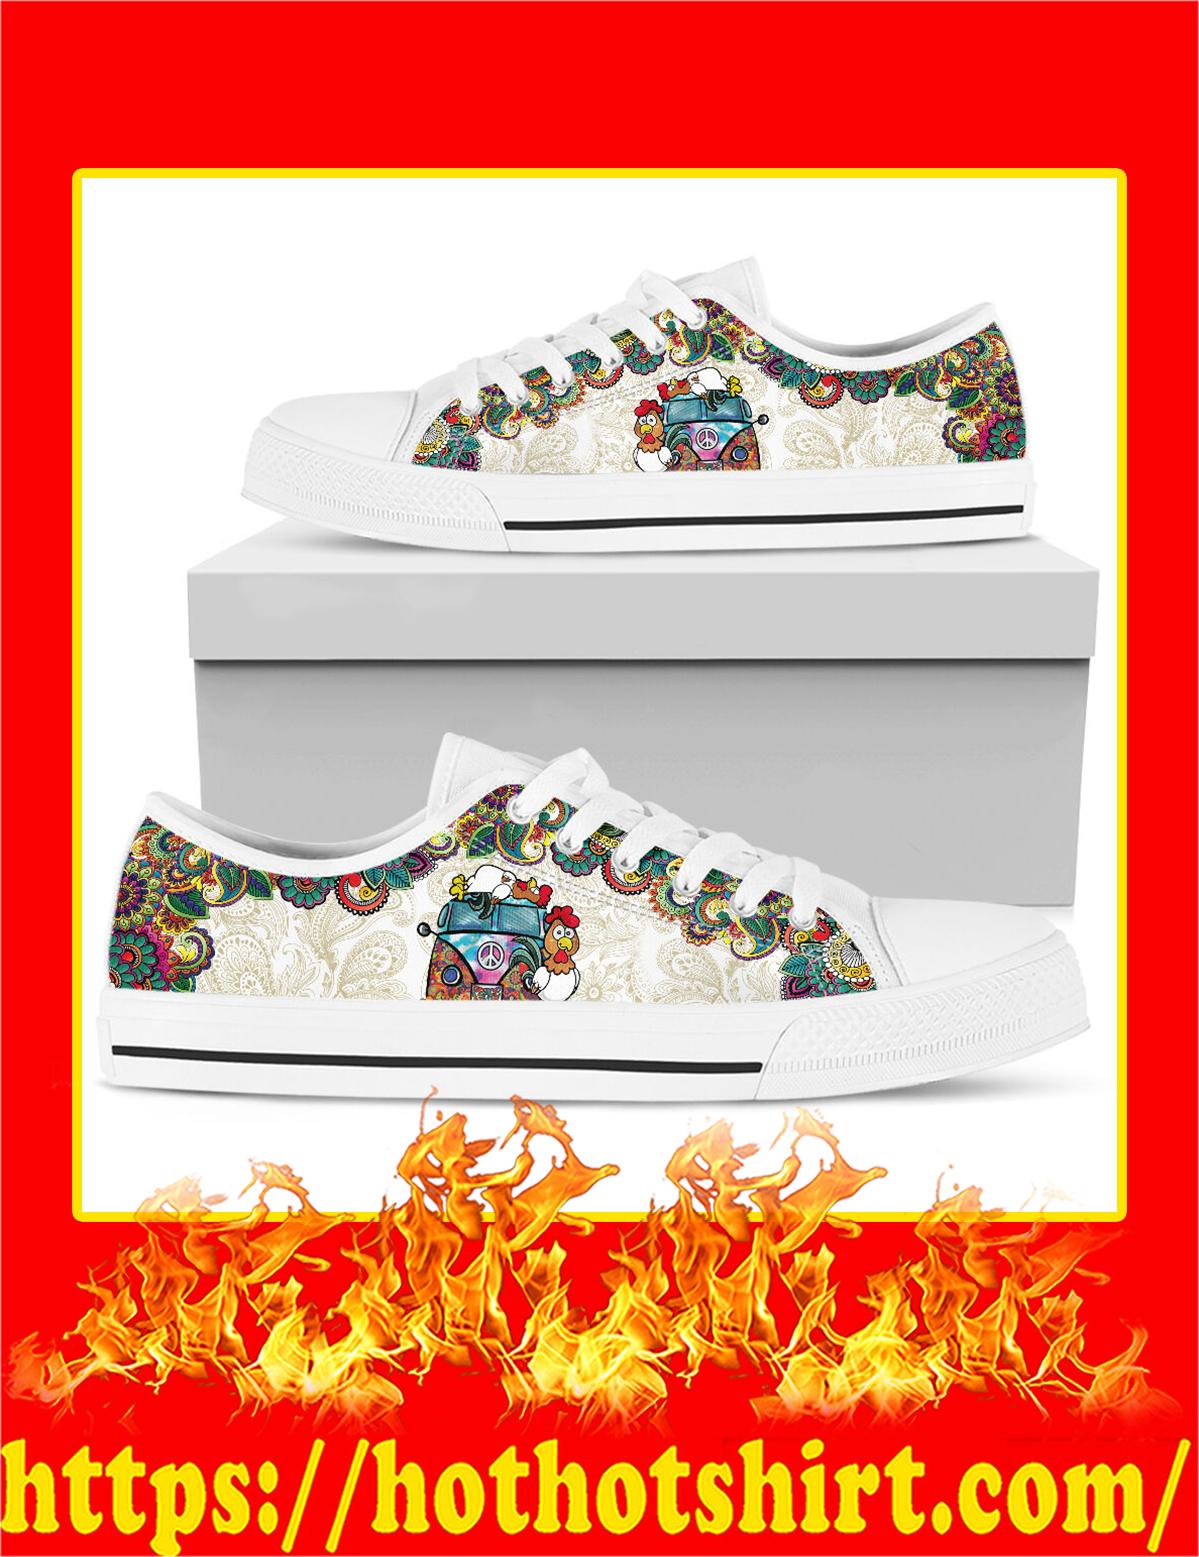 Chicken Hippie Van Low Top Shoes - Pic 2